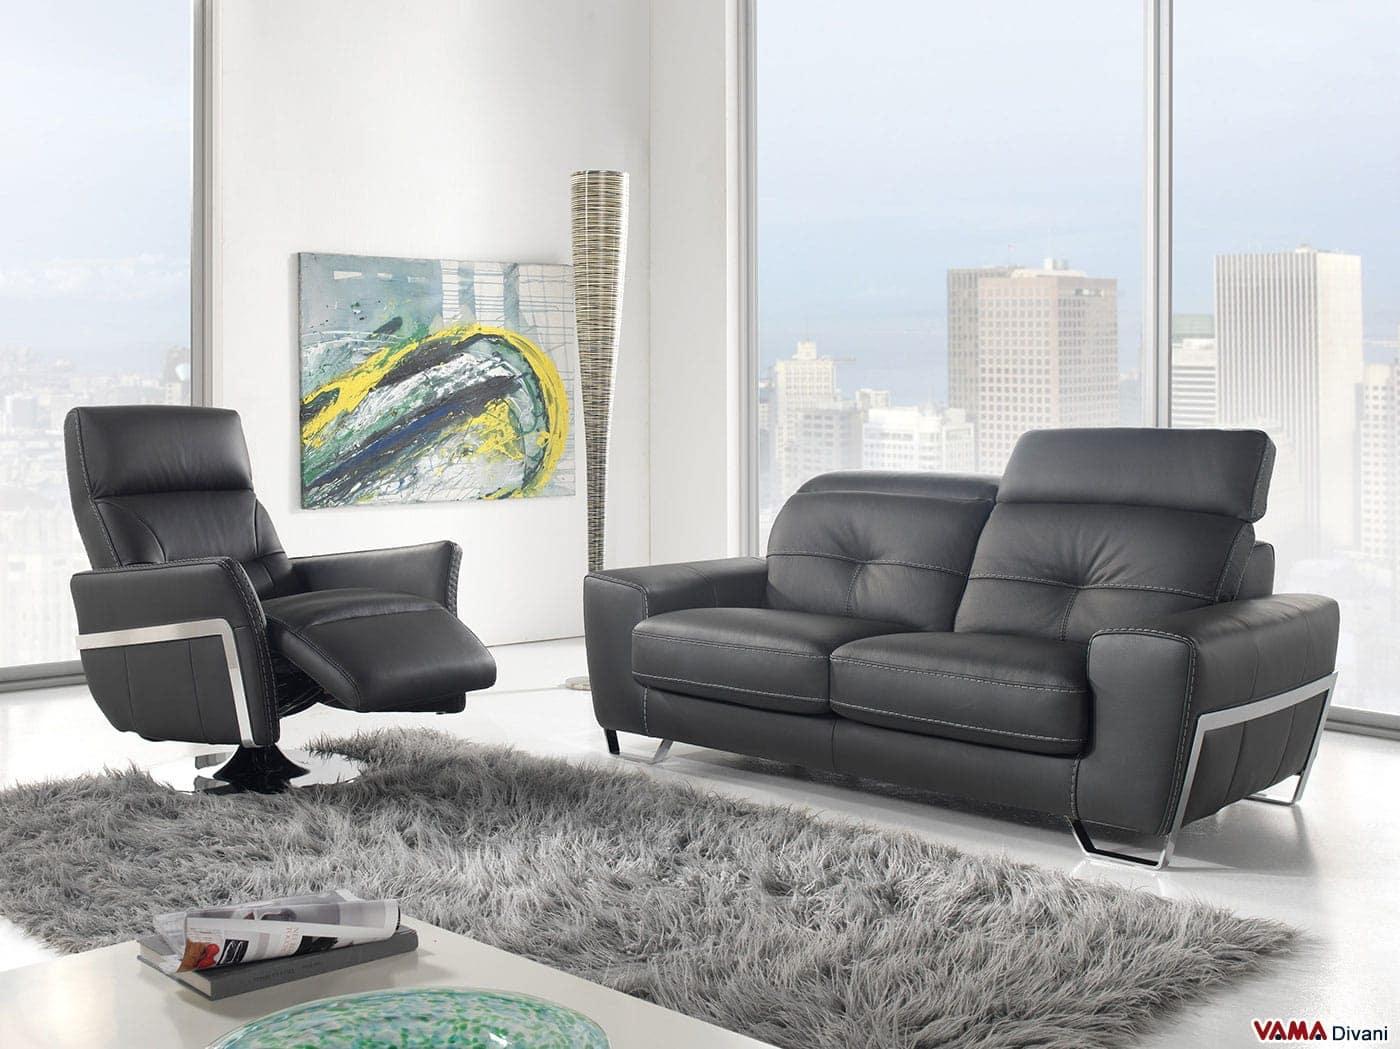 divano in pelle nera in stile moderno con poggiatesta relax - Divano In Pelle Nera Letto